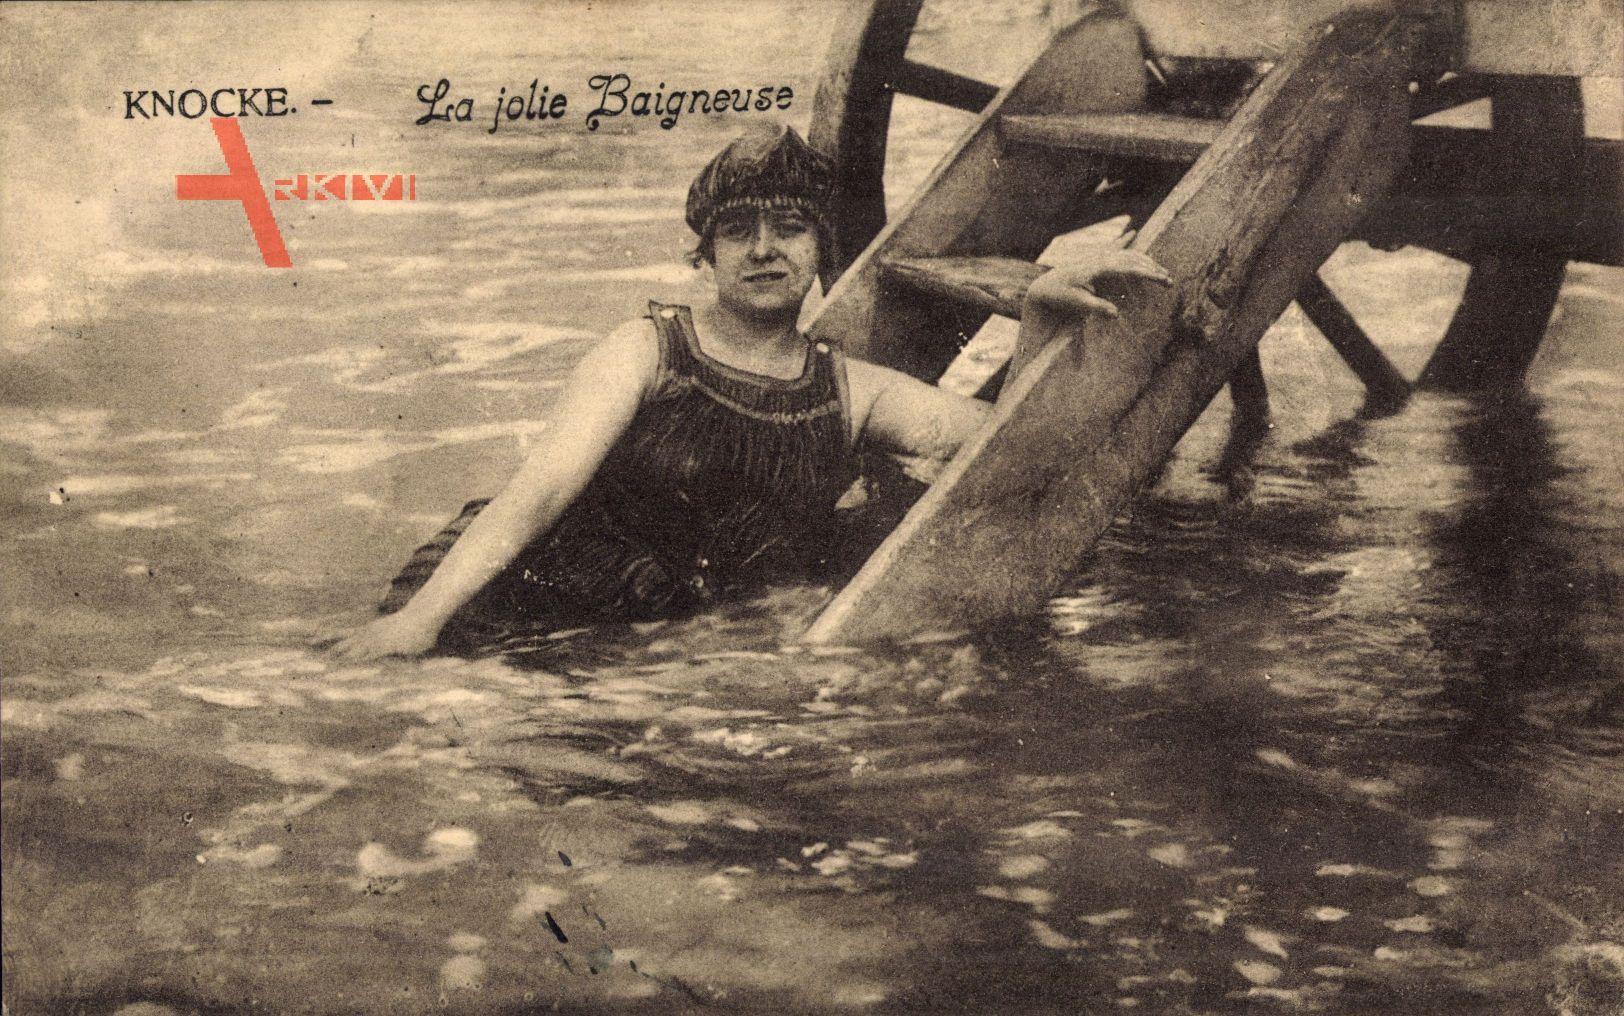 Knokke Heist Westflandern, La jolie Baigneuse, Frau in Badekleid